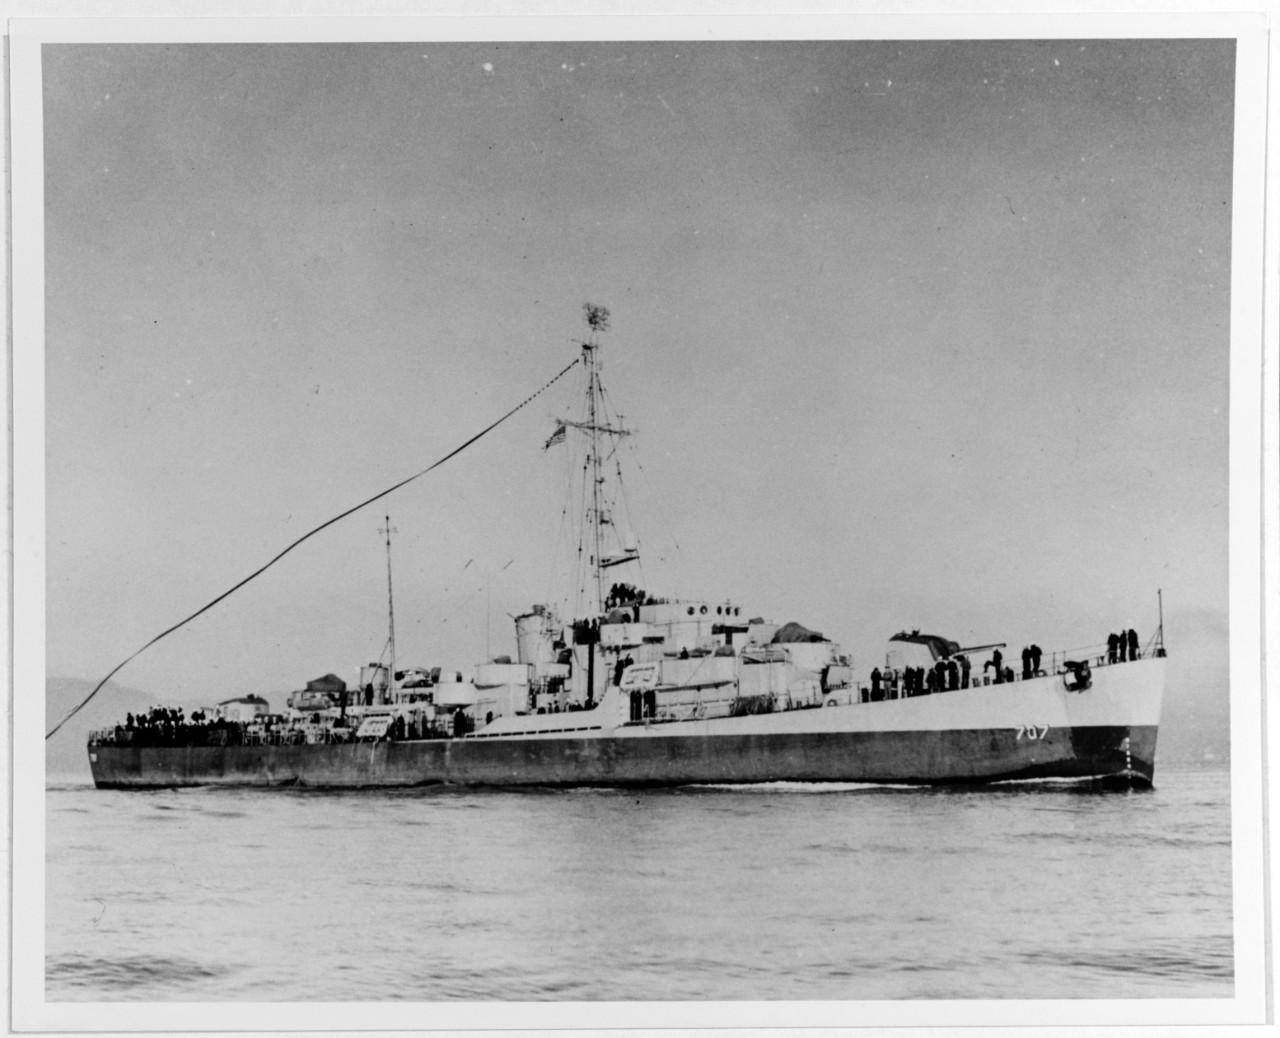 USS Jobb Sailing in San Franciso Bay, 1945